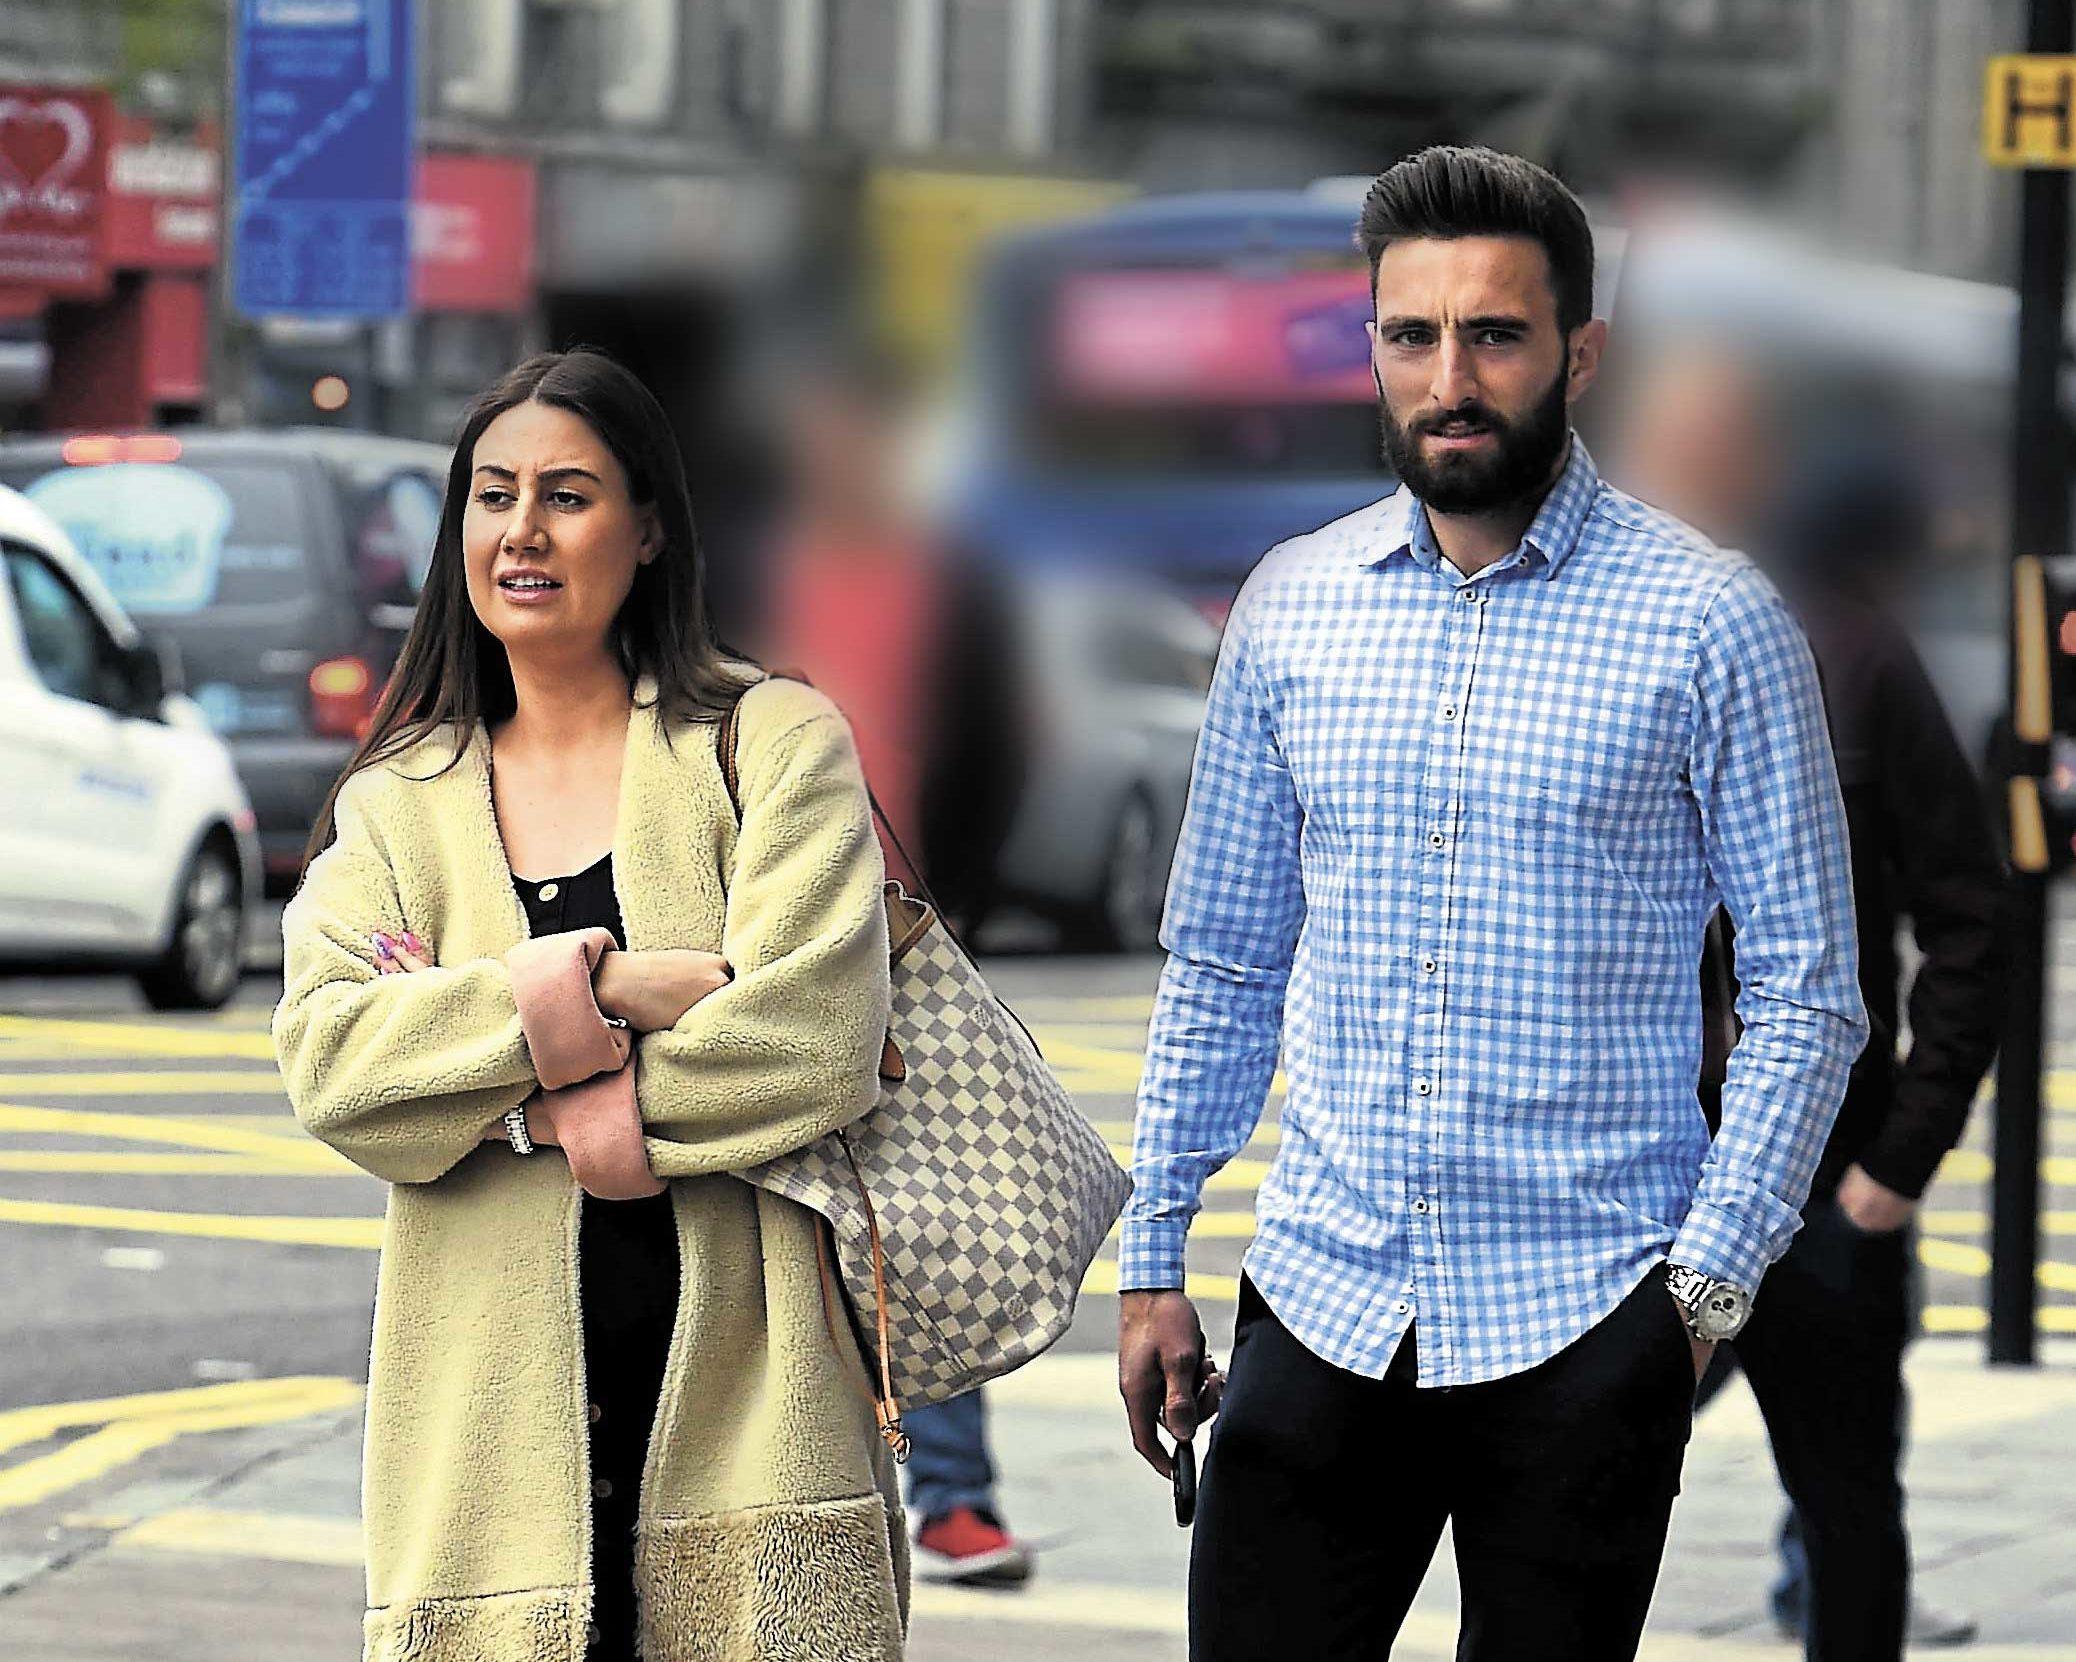 Jodie Shewan and Graeme Shinnie outside court